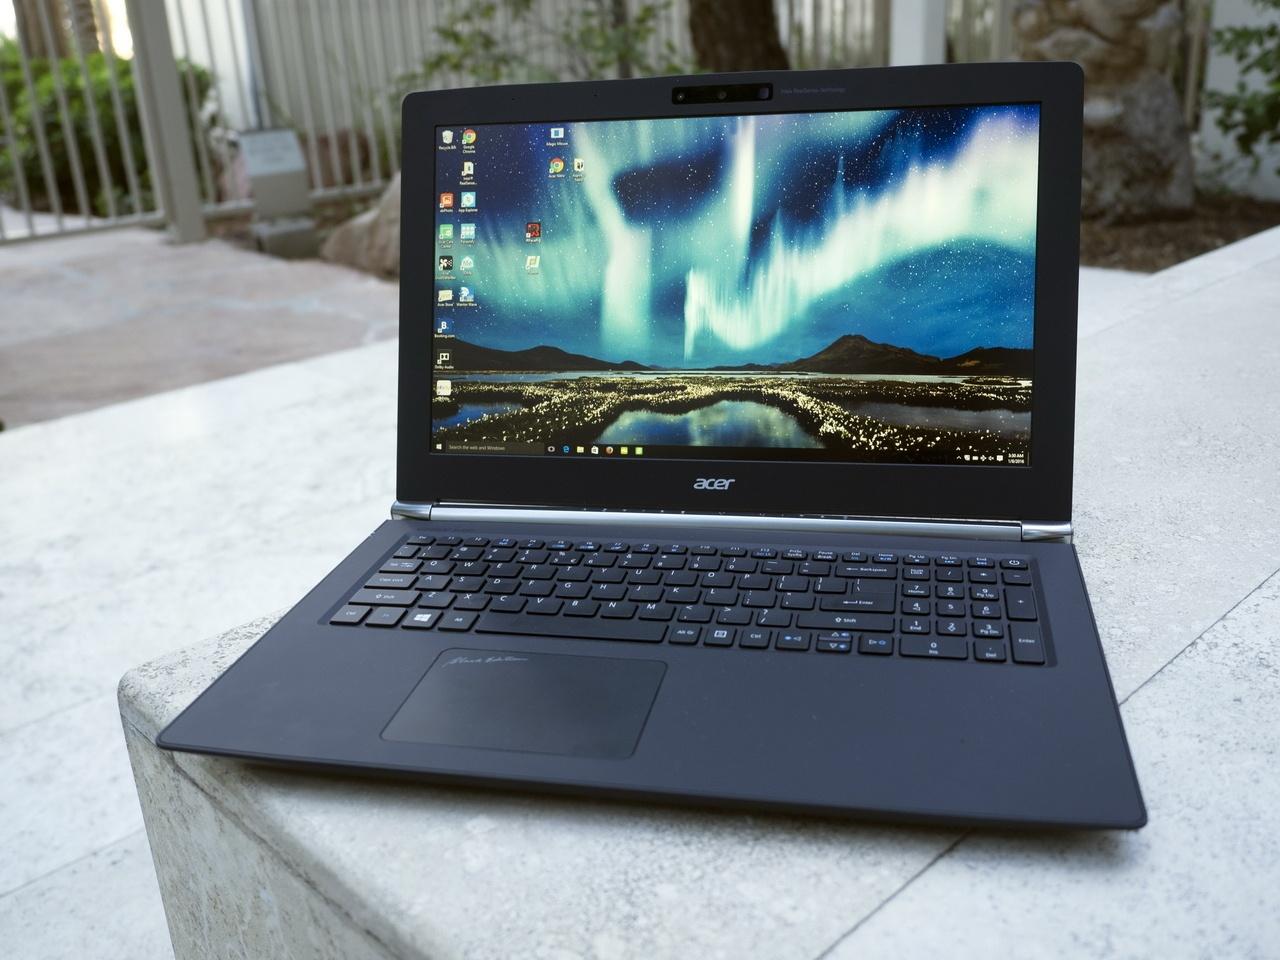 Acer на CES 2016: мониторы, планшеты, игровые ноутбуки и ультрамобильный трансформер - 18